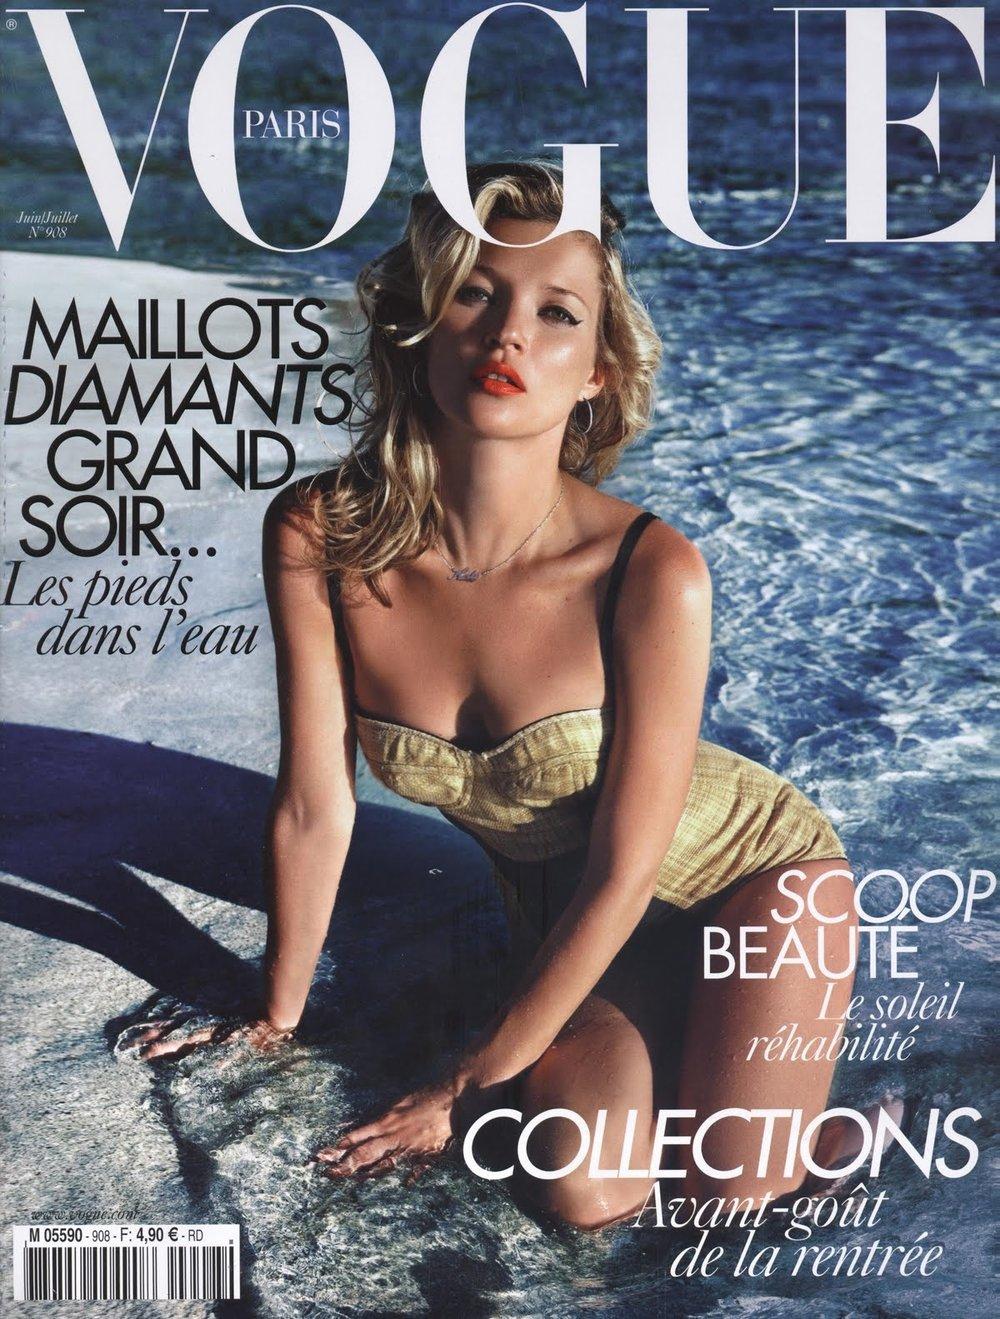 Vogue Paris June 2010